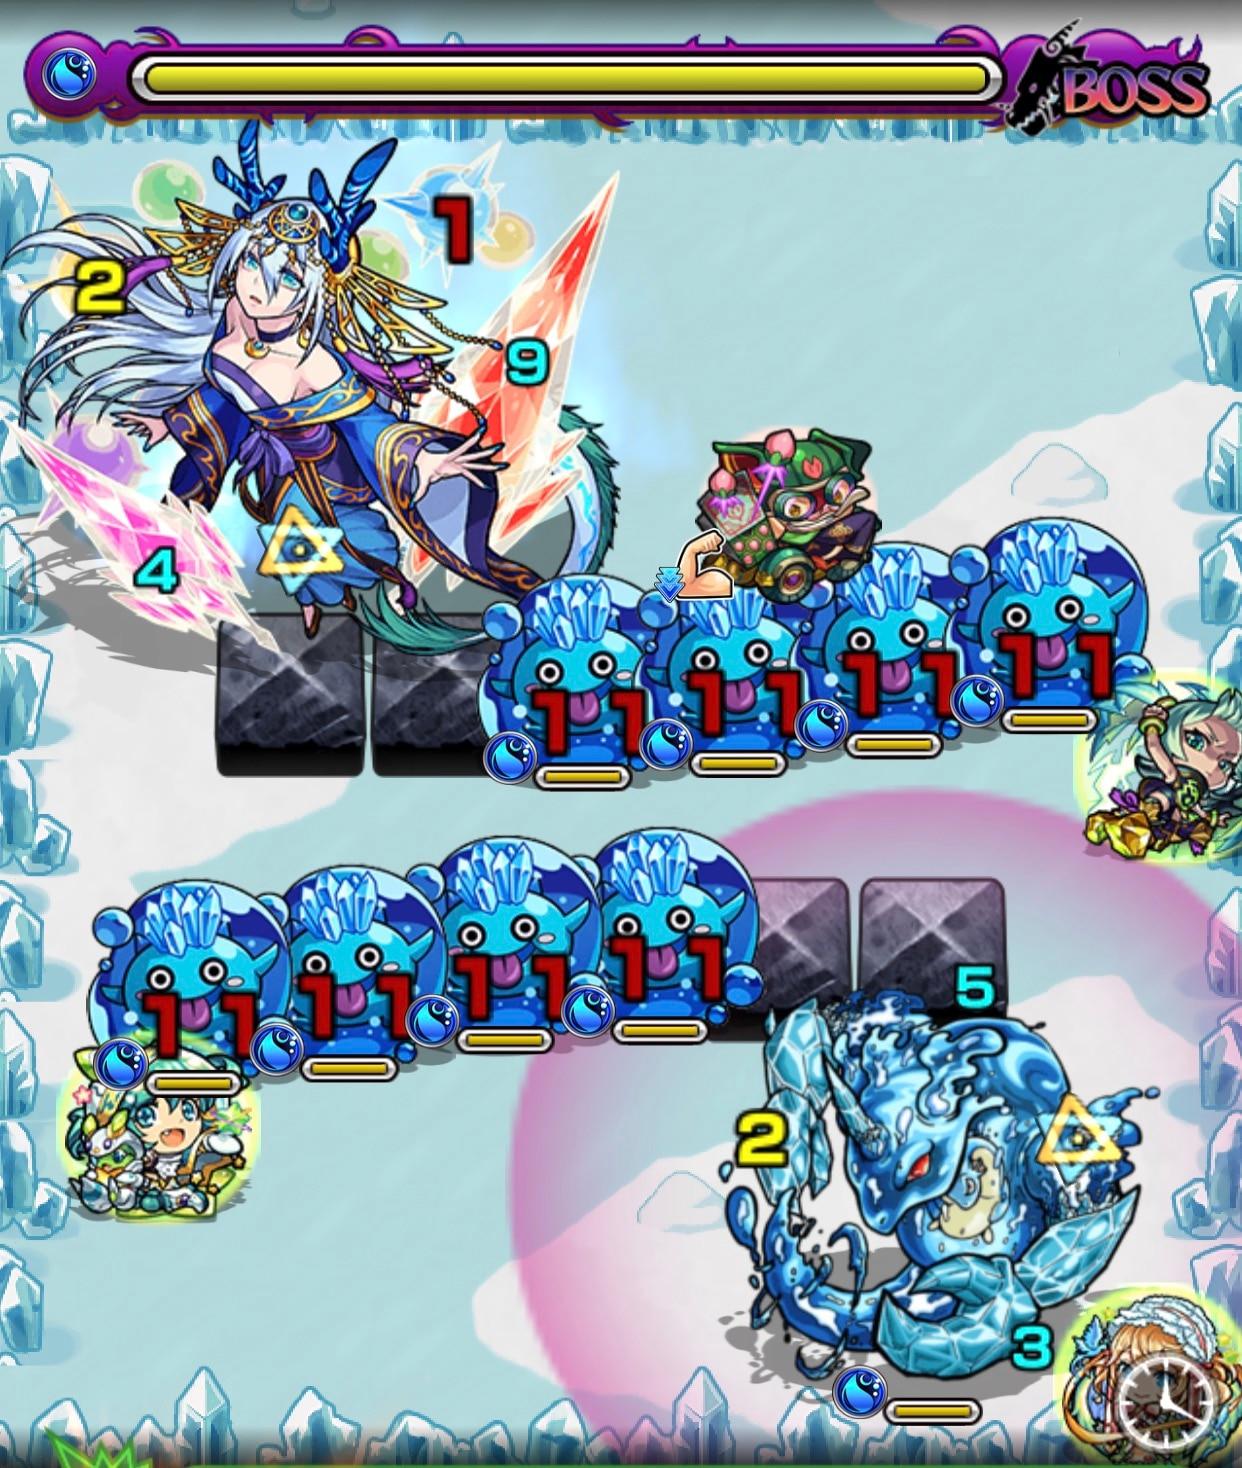 九龍貴人(究極)ボス第3ステージ